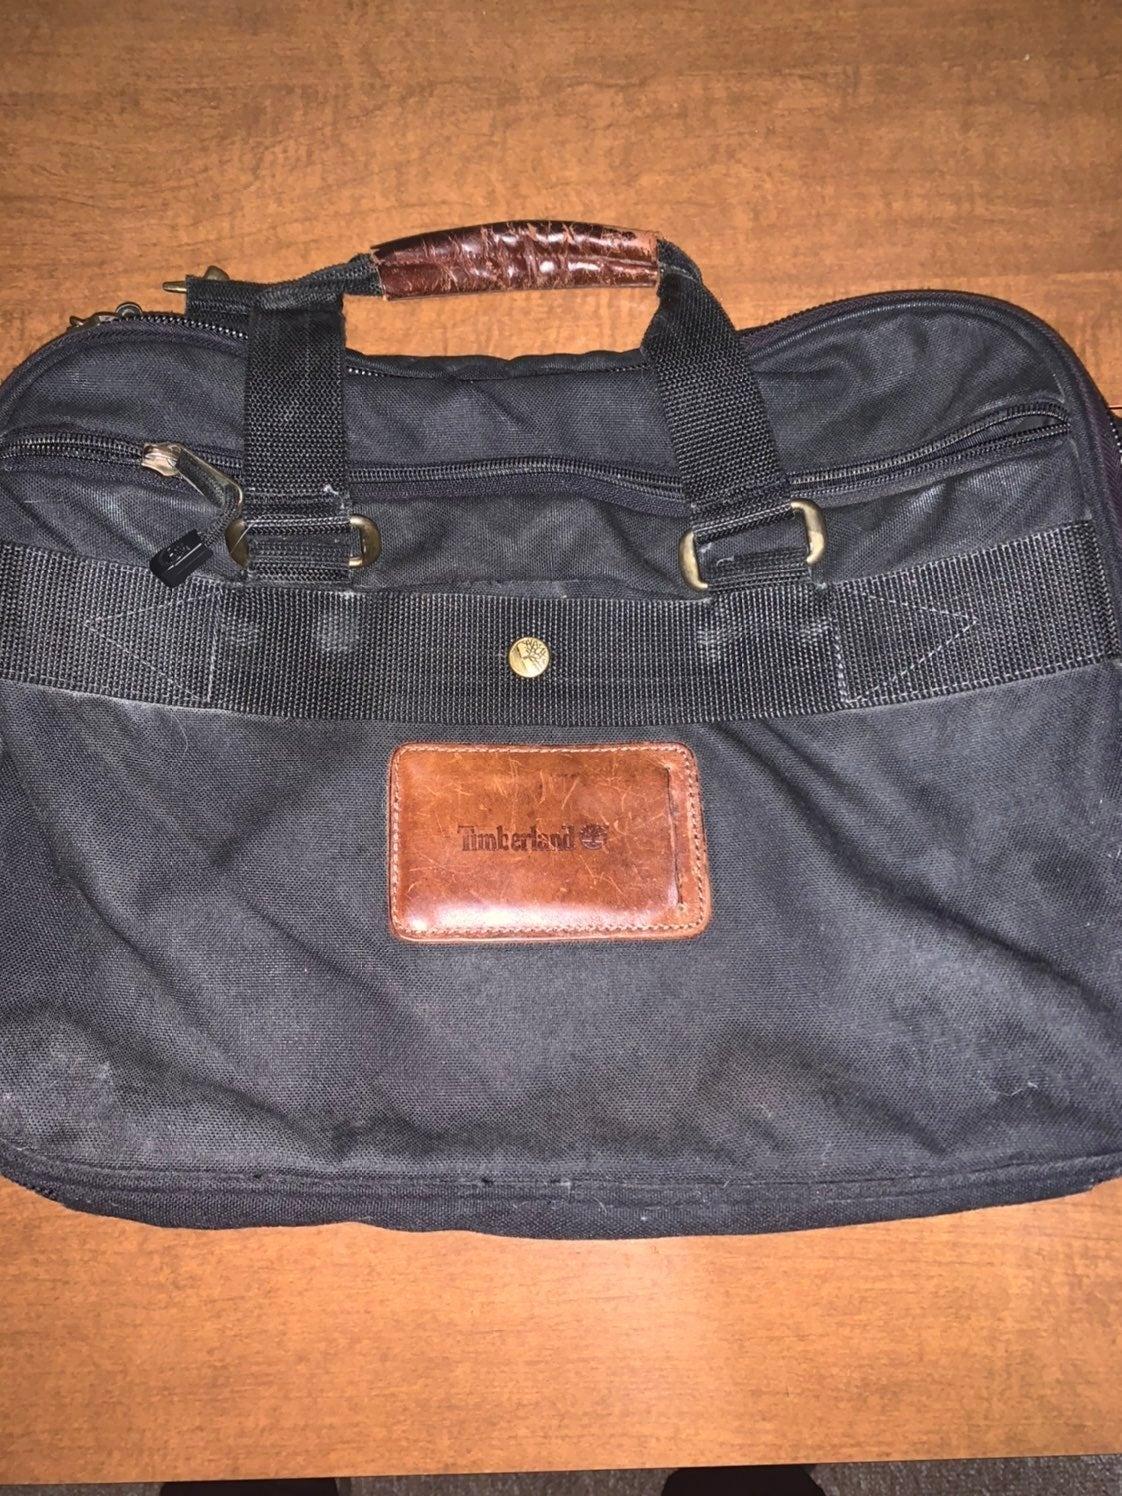 Timberland Carrying Bag